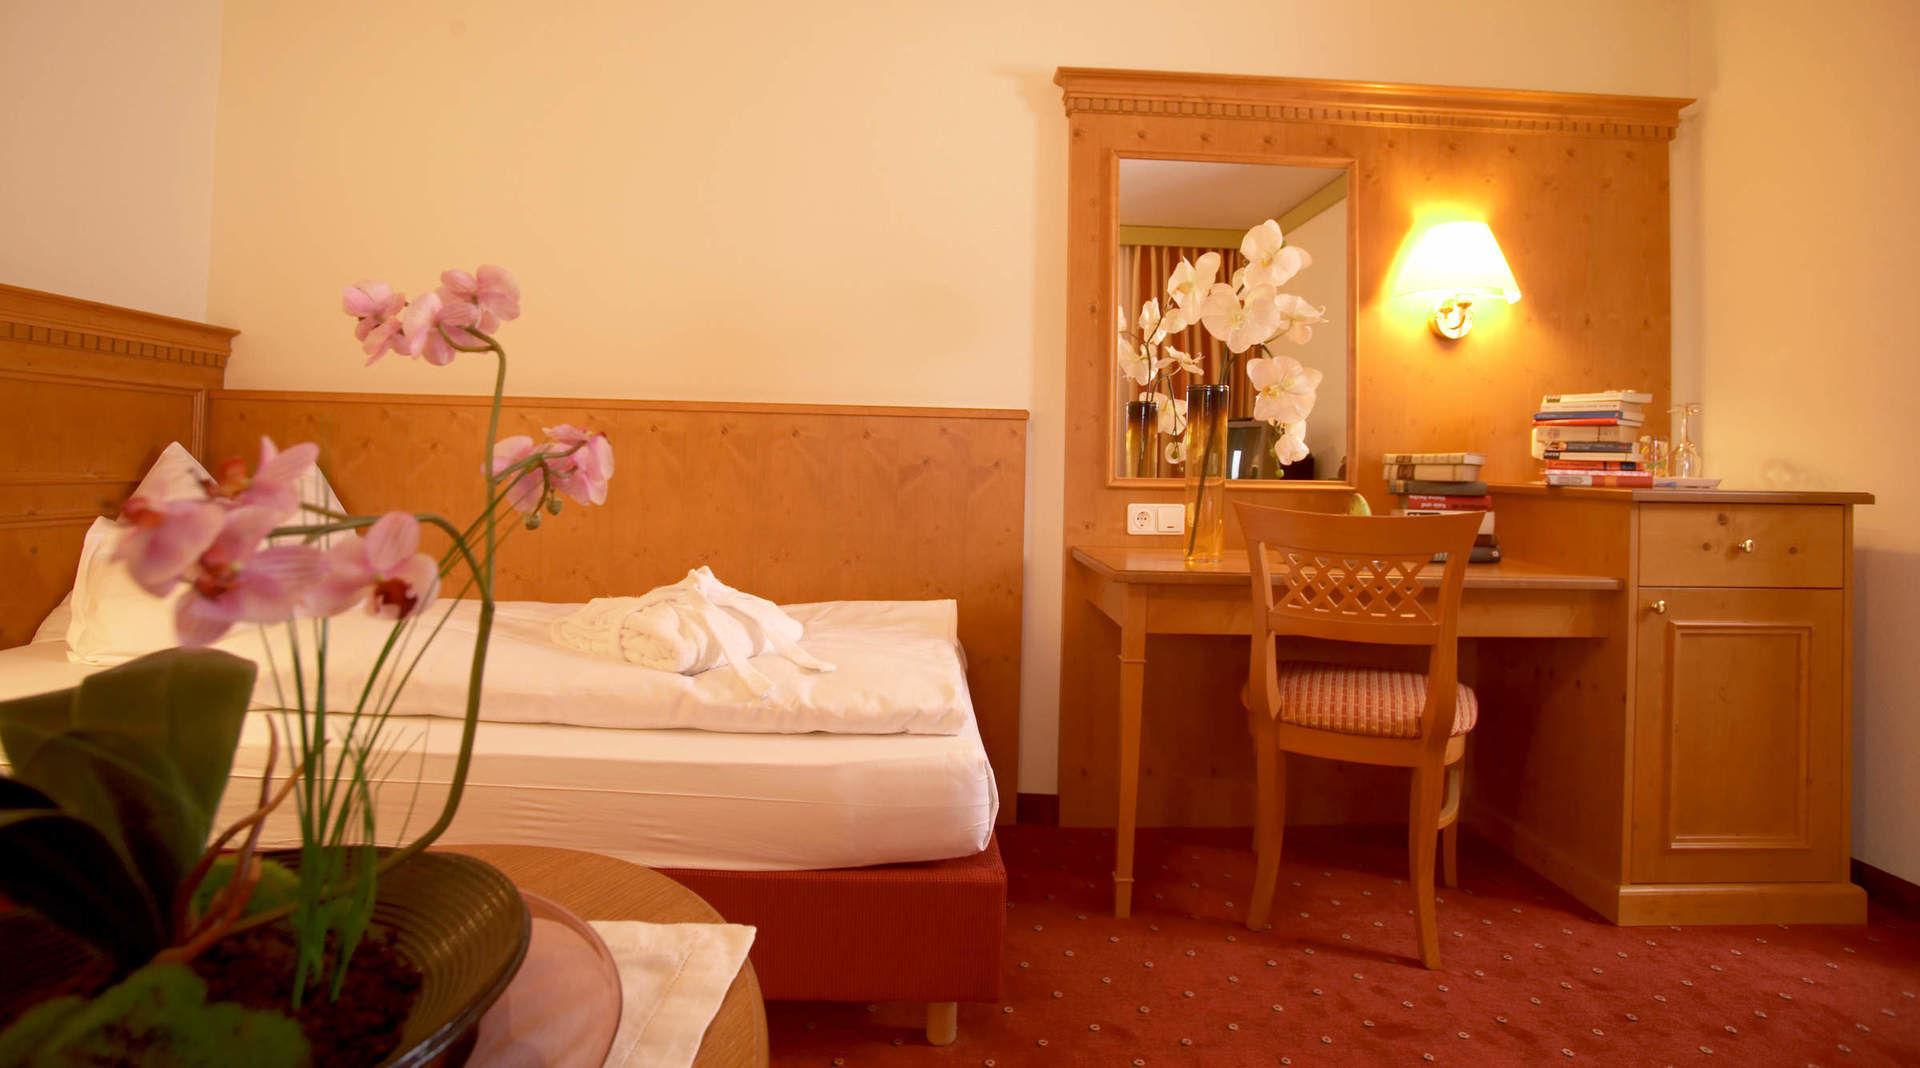 Whirlpool Bad Griesbach : Wissenswertes hotel garni glockenspiel bad griesbach bayern rottal